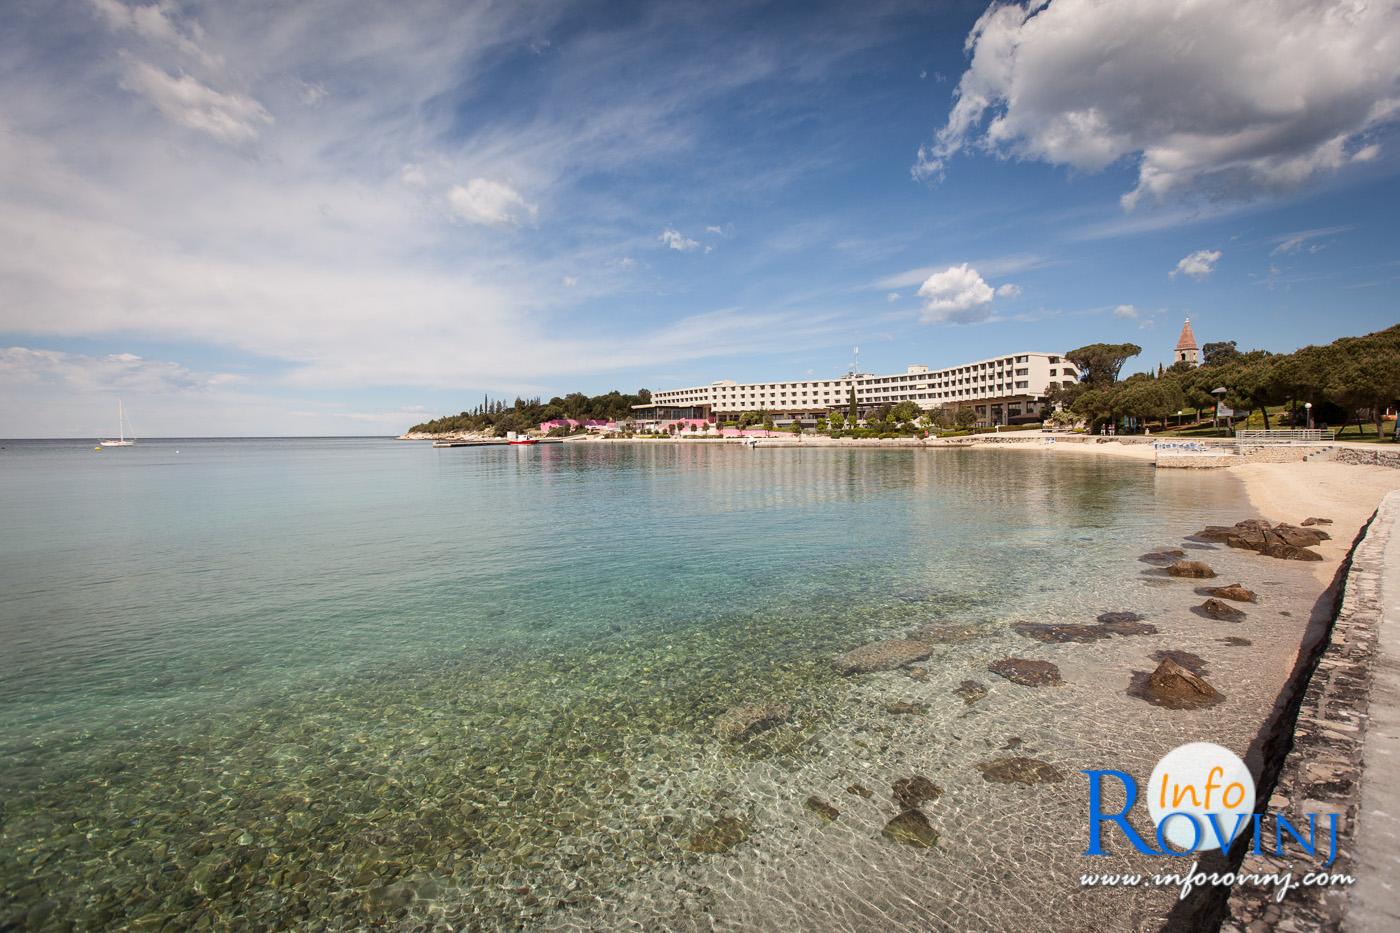 Spiagge a rovigno isola rossa l 39 isola di sant 39 andrea for Isola di saint honore caraibi